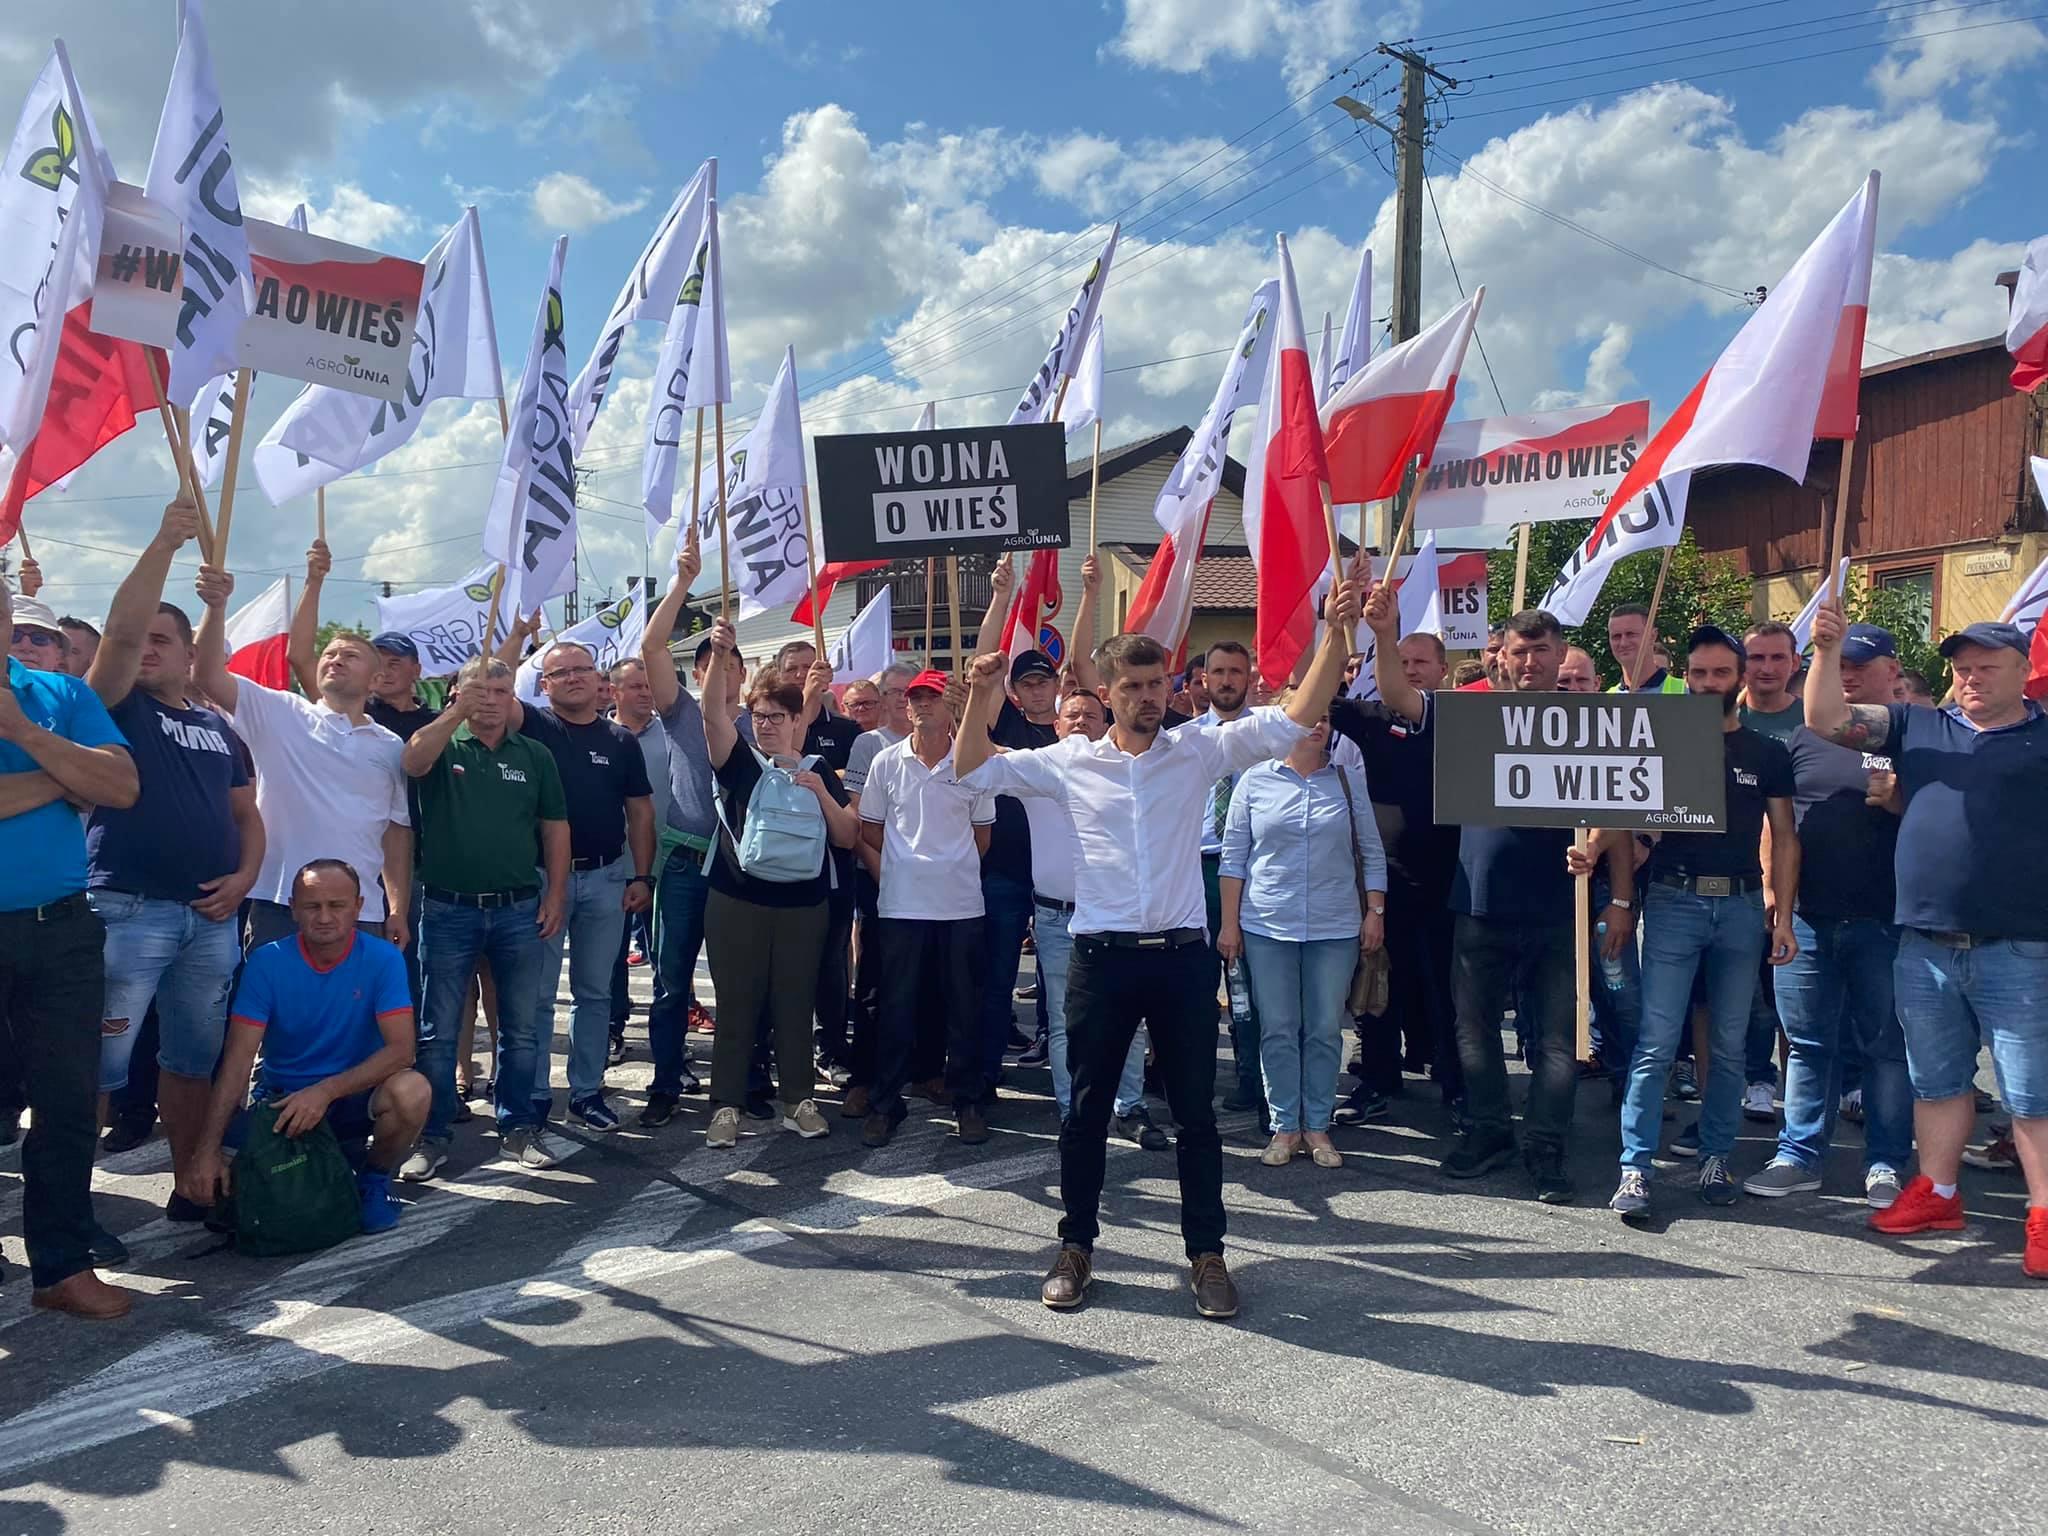 Rolnicy będą protestować na Podkarpaciu! Sprawdź utrudnienia na drogach [MAPA] - Zdjęcie główne